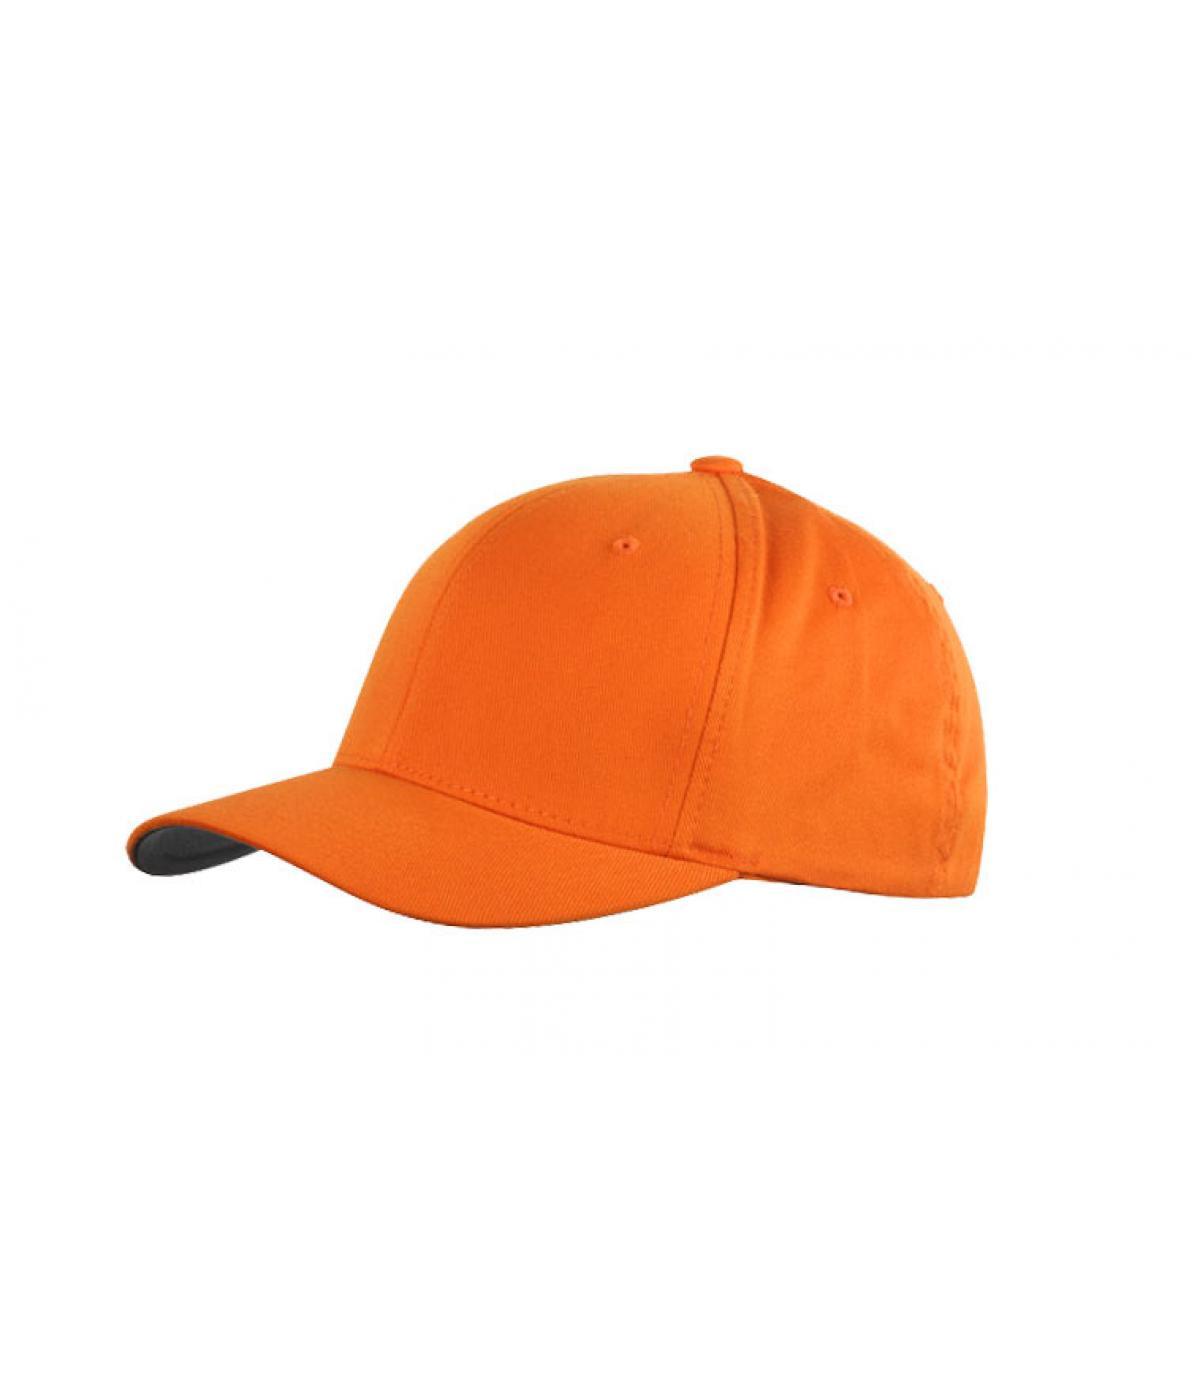 Détails Casquette orange flexfit - image 1